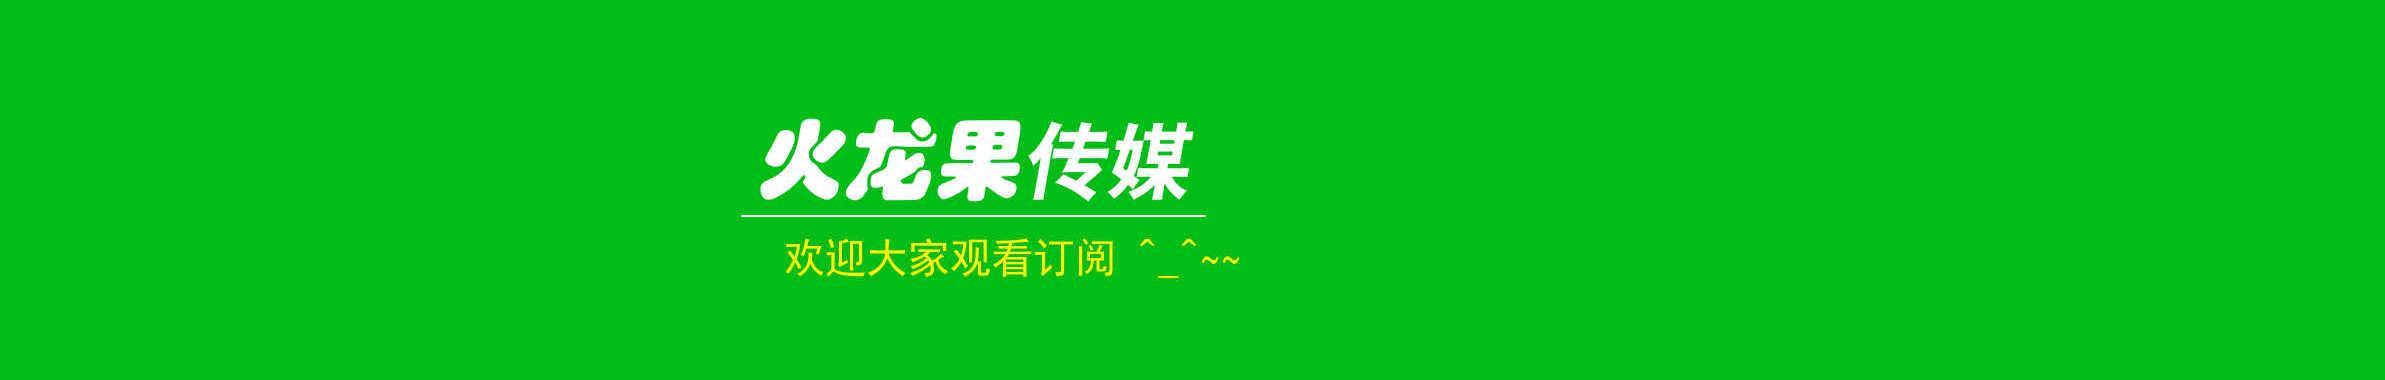 火龙果传媒工作室 banner